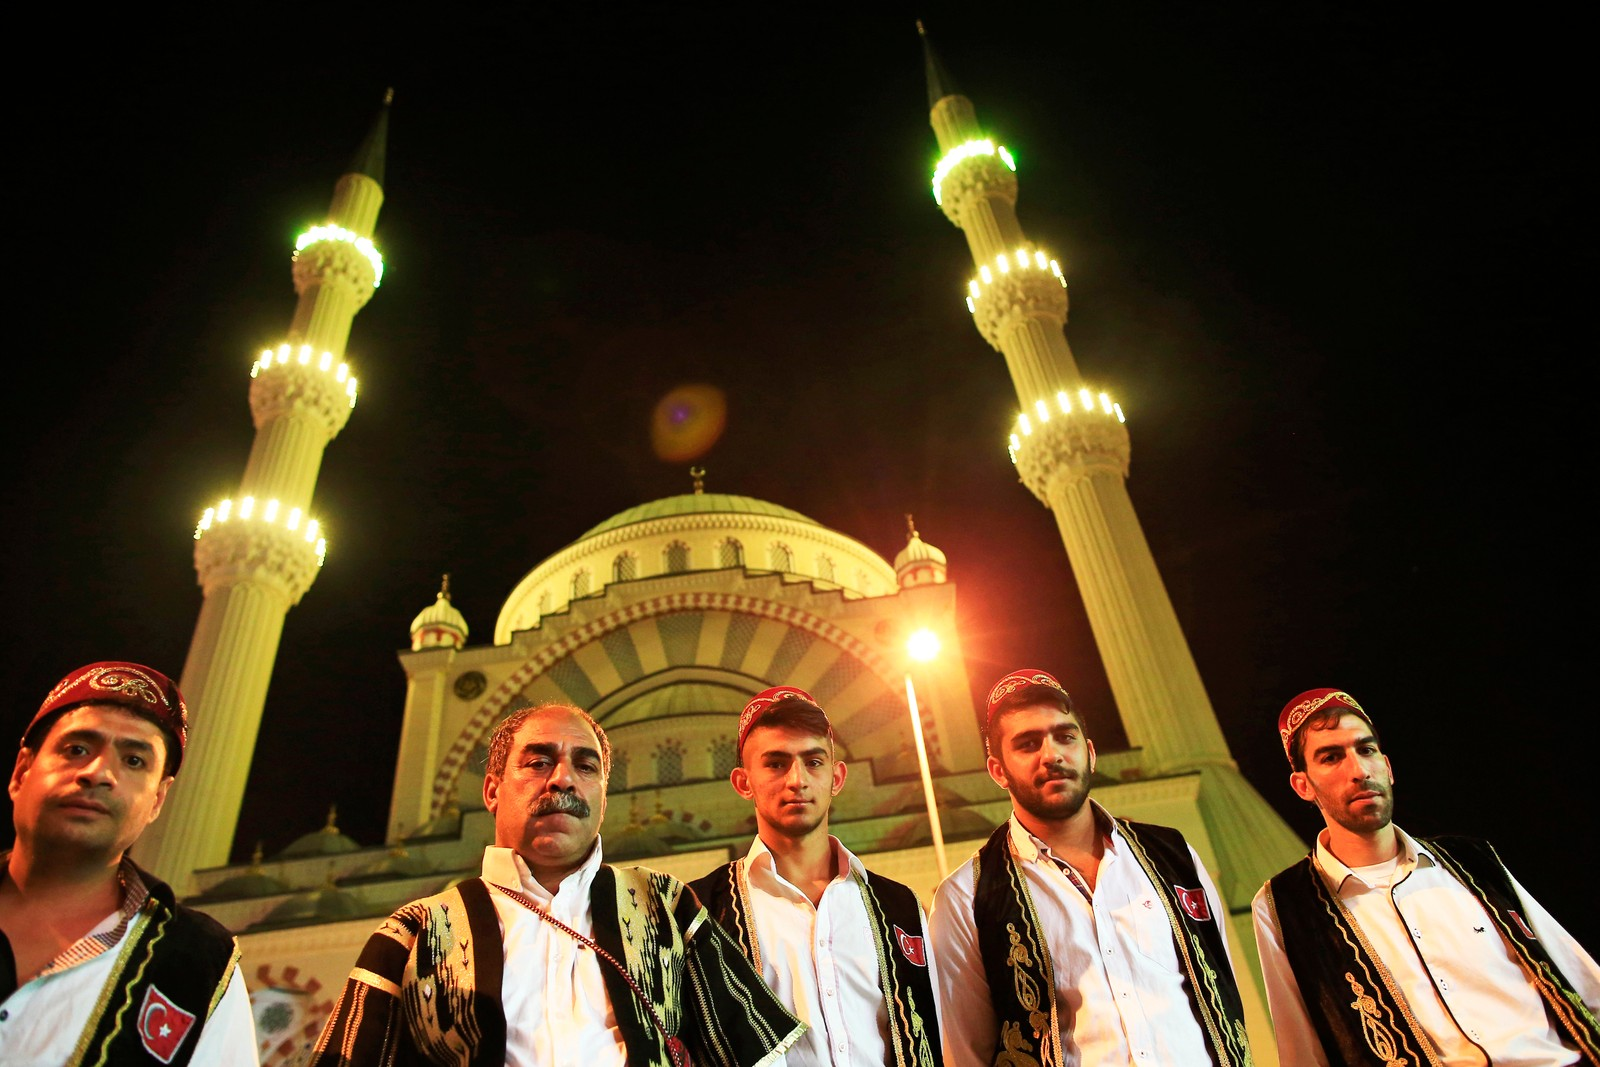 Trommeslagere i tradisjonelle ottomanske drakter vekket folk i Istanbul i Tyrkia før daggry i dag slik at de kan spise frokost før ramadan ble innledet.